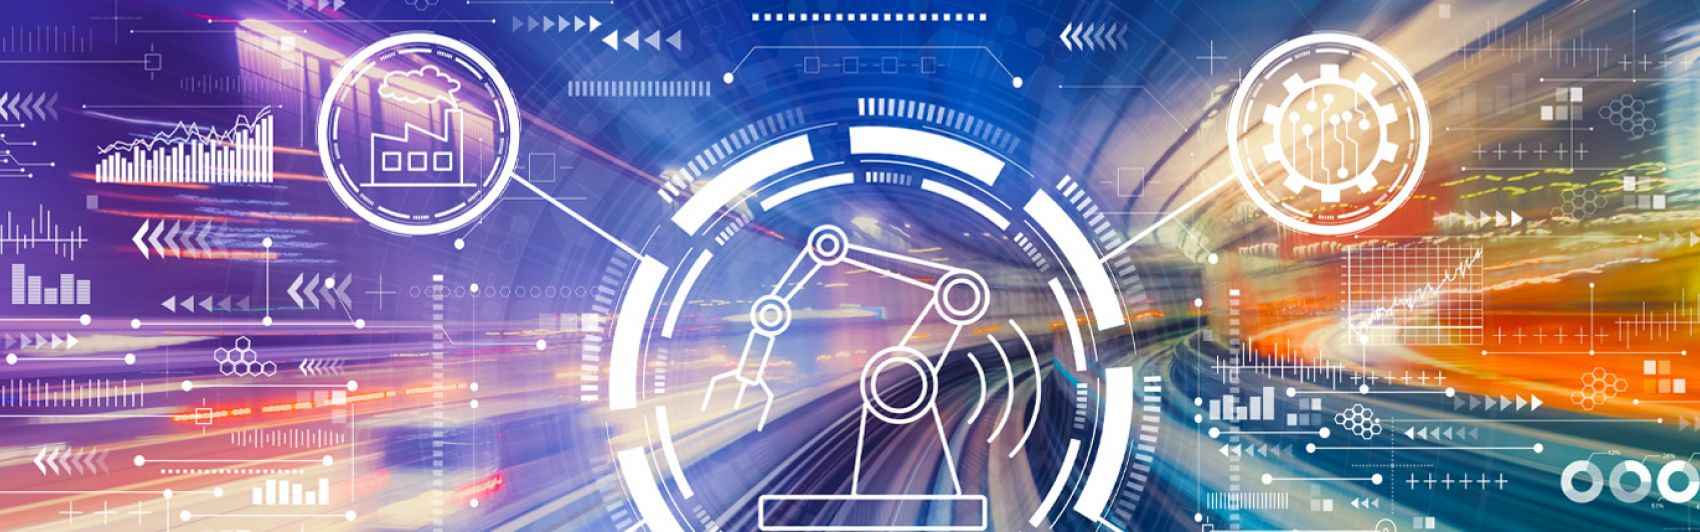 Digitalisierung, Stadt, Zukunft, Industrie